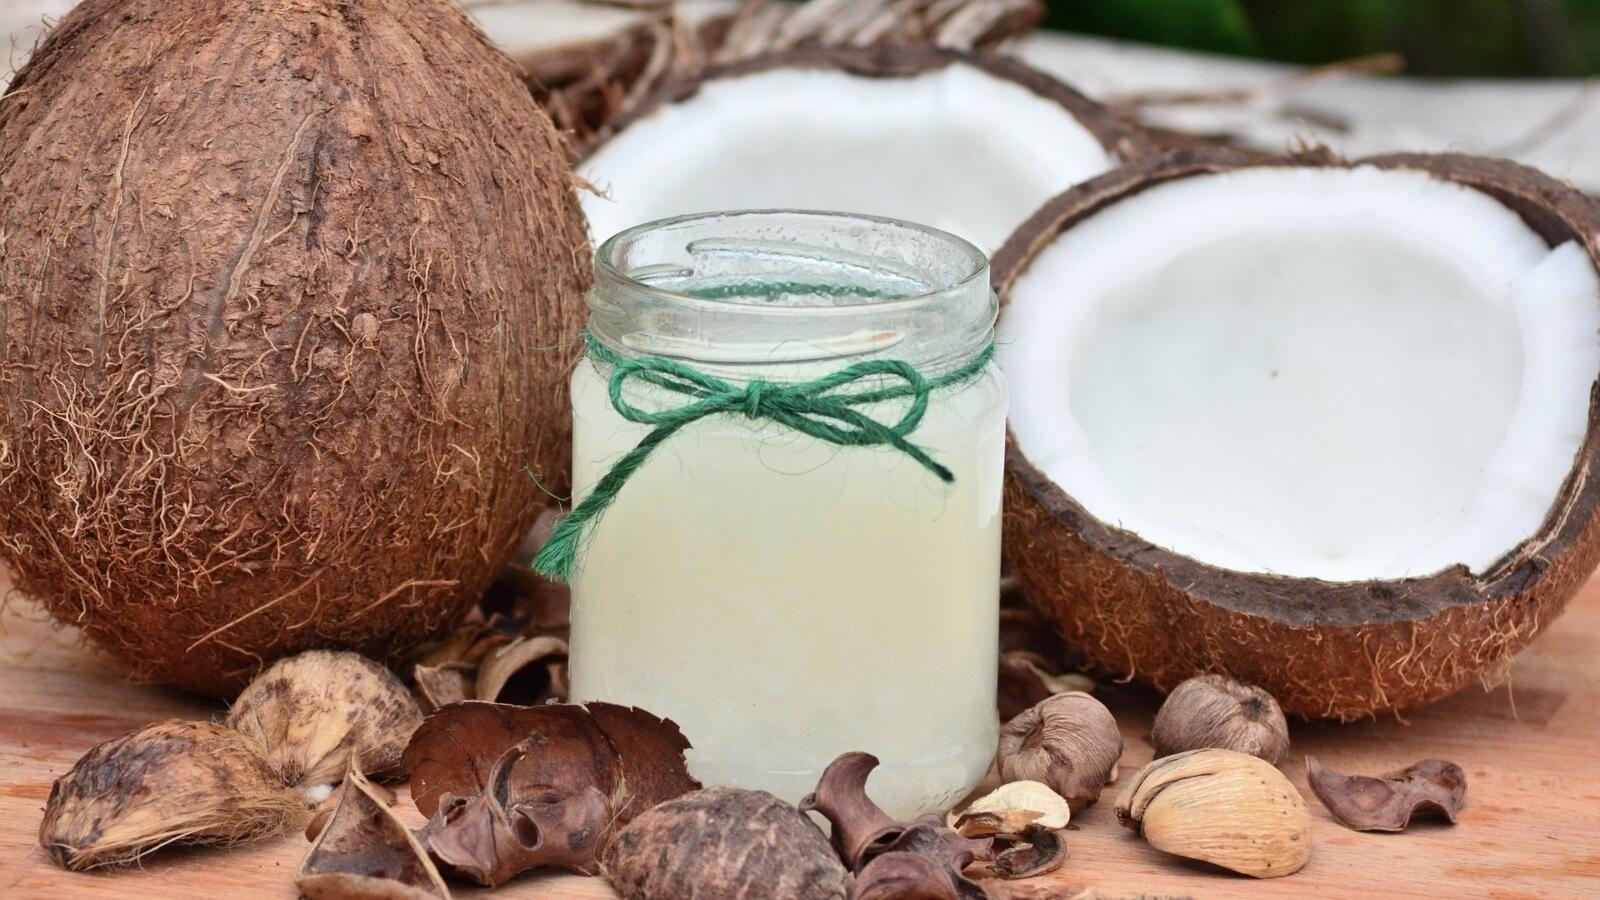 فوائد إضافية لزيت جوز الهند للبشرة البوابة لم يعد زيت جوز الهند حكرا على المطبخ فالآن تستخدم العديد من النساء زيت ج Coconut Coconut Oil For Acne Oil Pulling